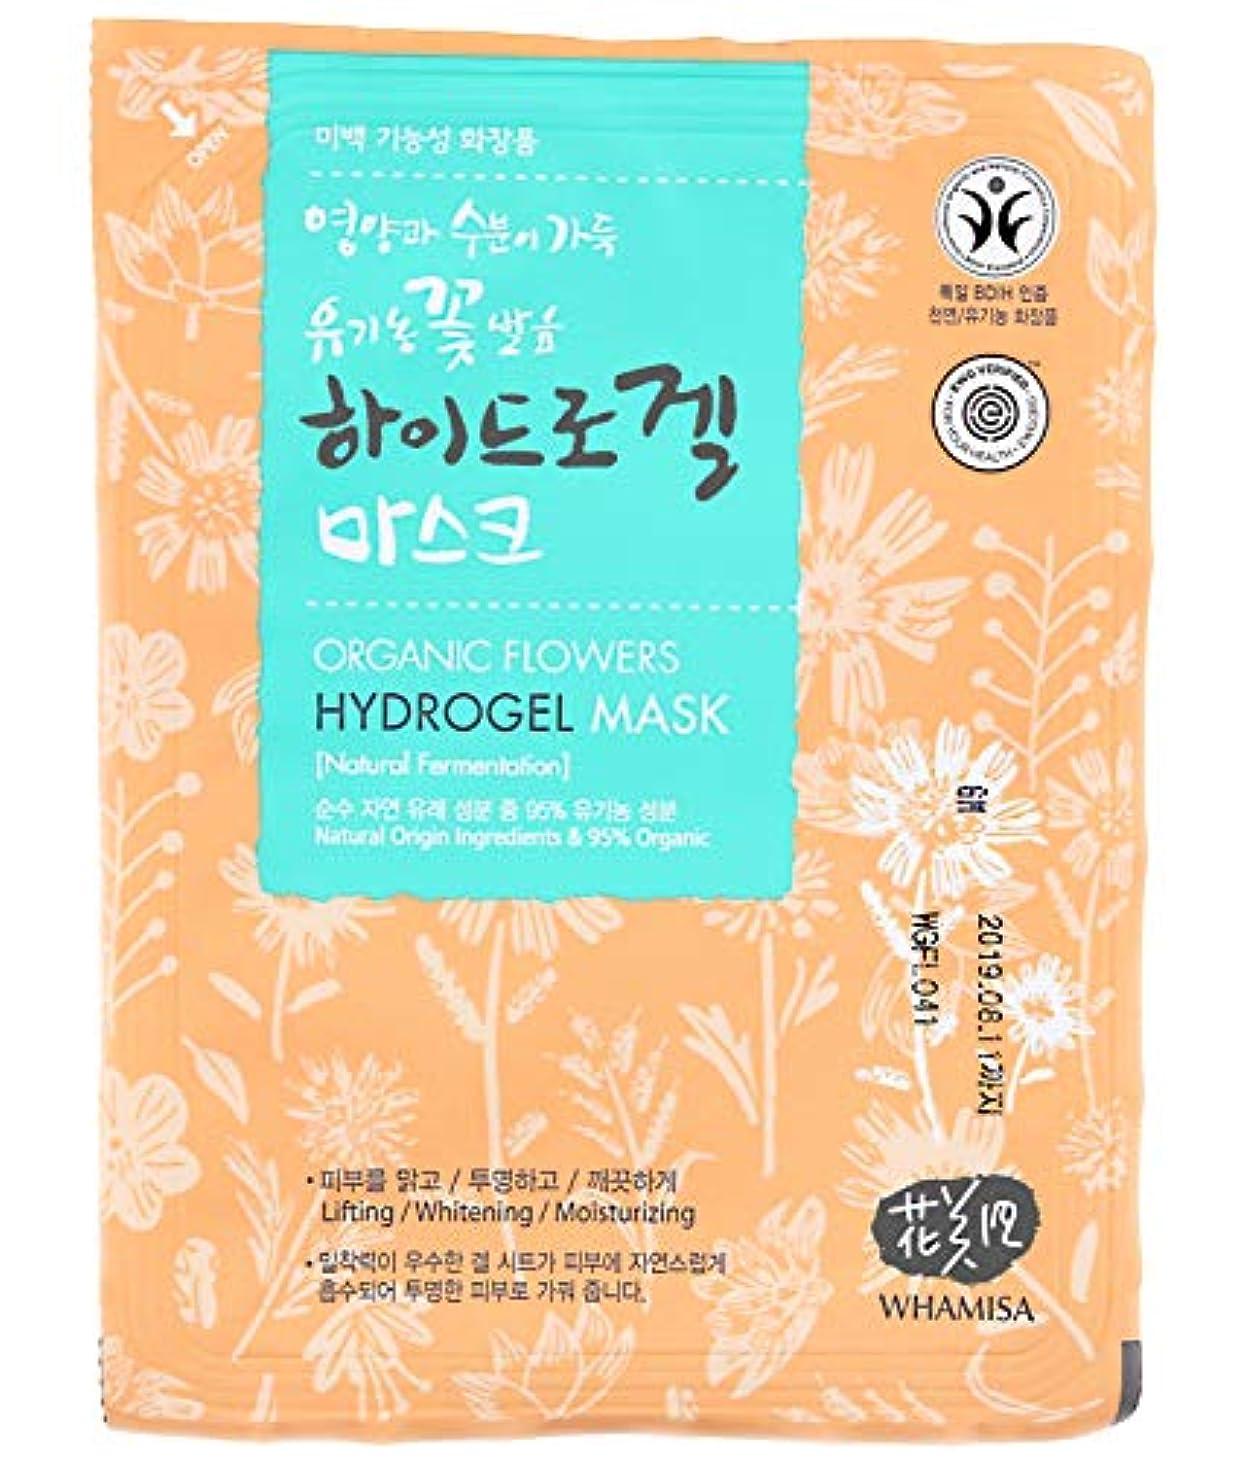 祝うポーク省略Whamisa あなたの健康のためにオーガニックフェイシャルマスク33グラム×1(花&アロエ発酵ヒドロゲル)/ EWG確認済み(TM)